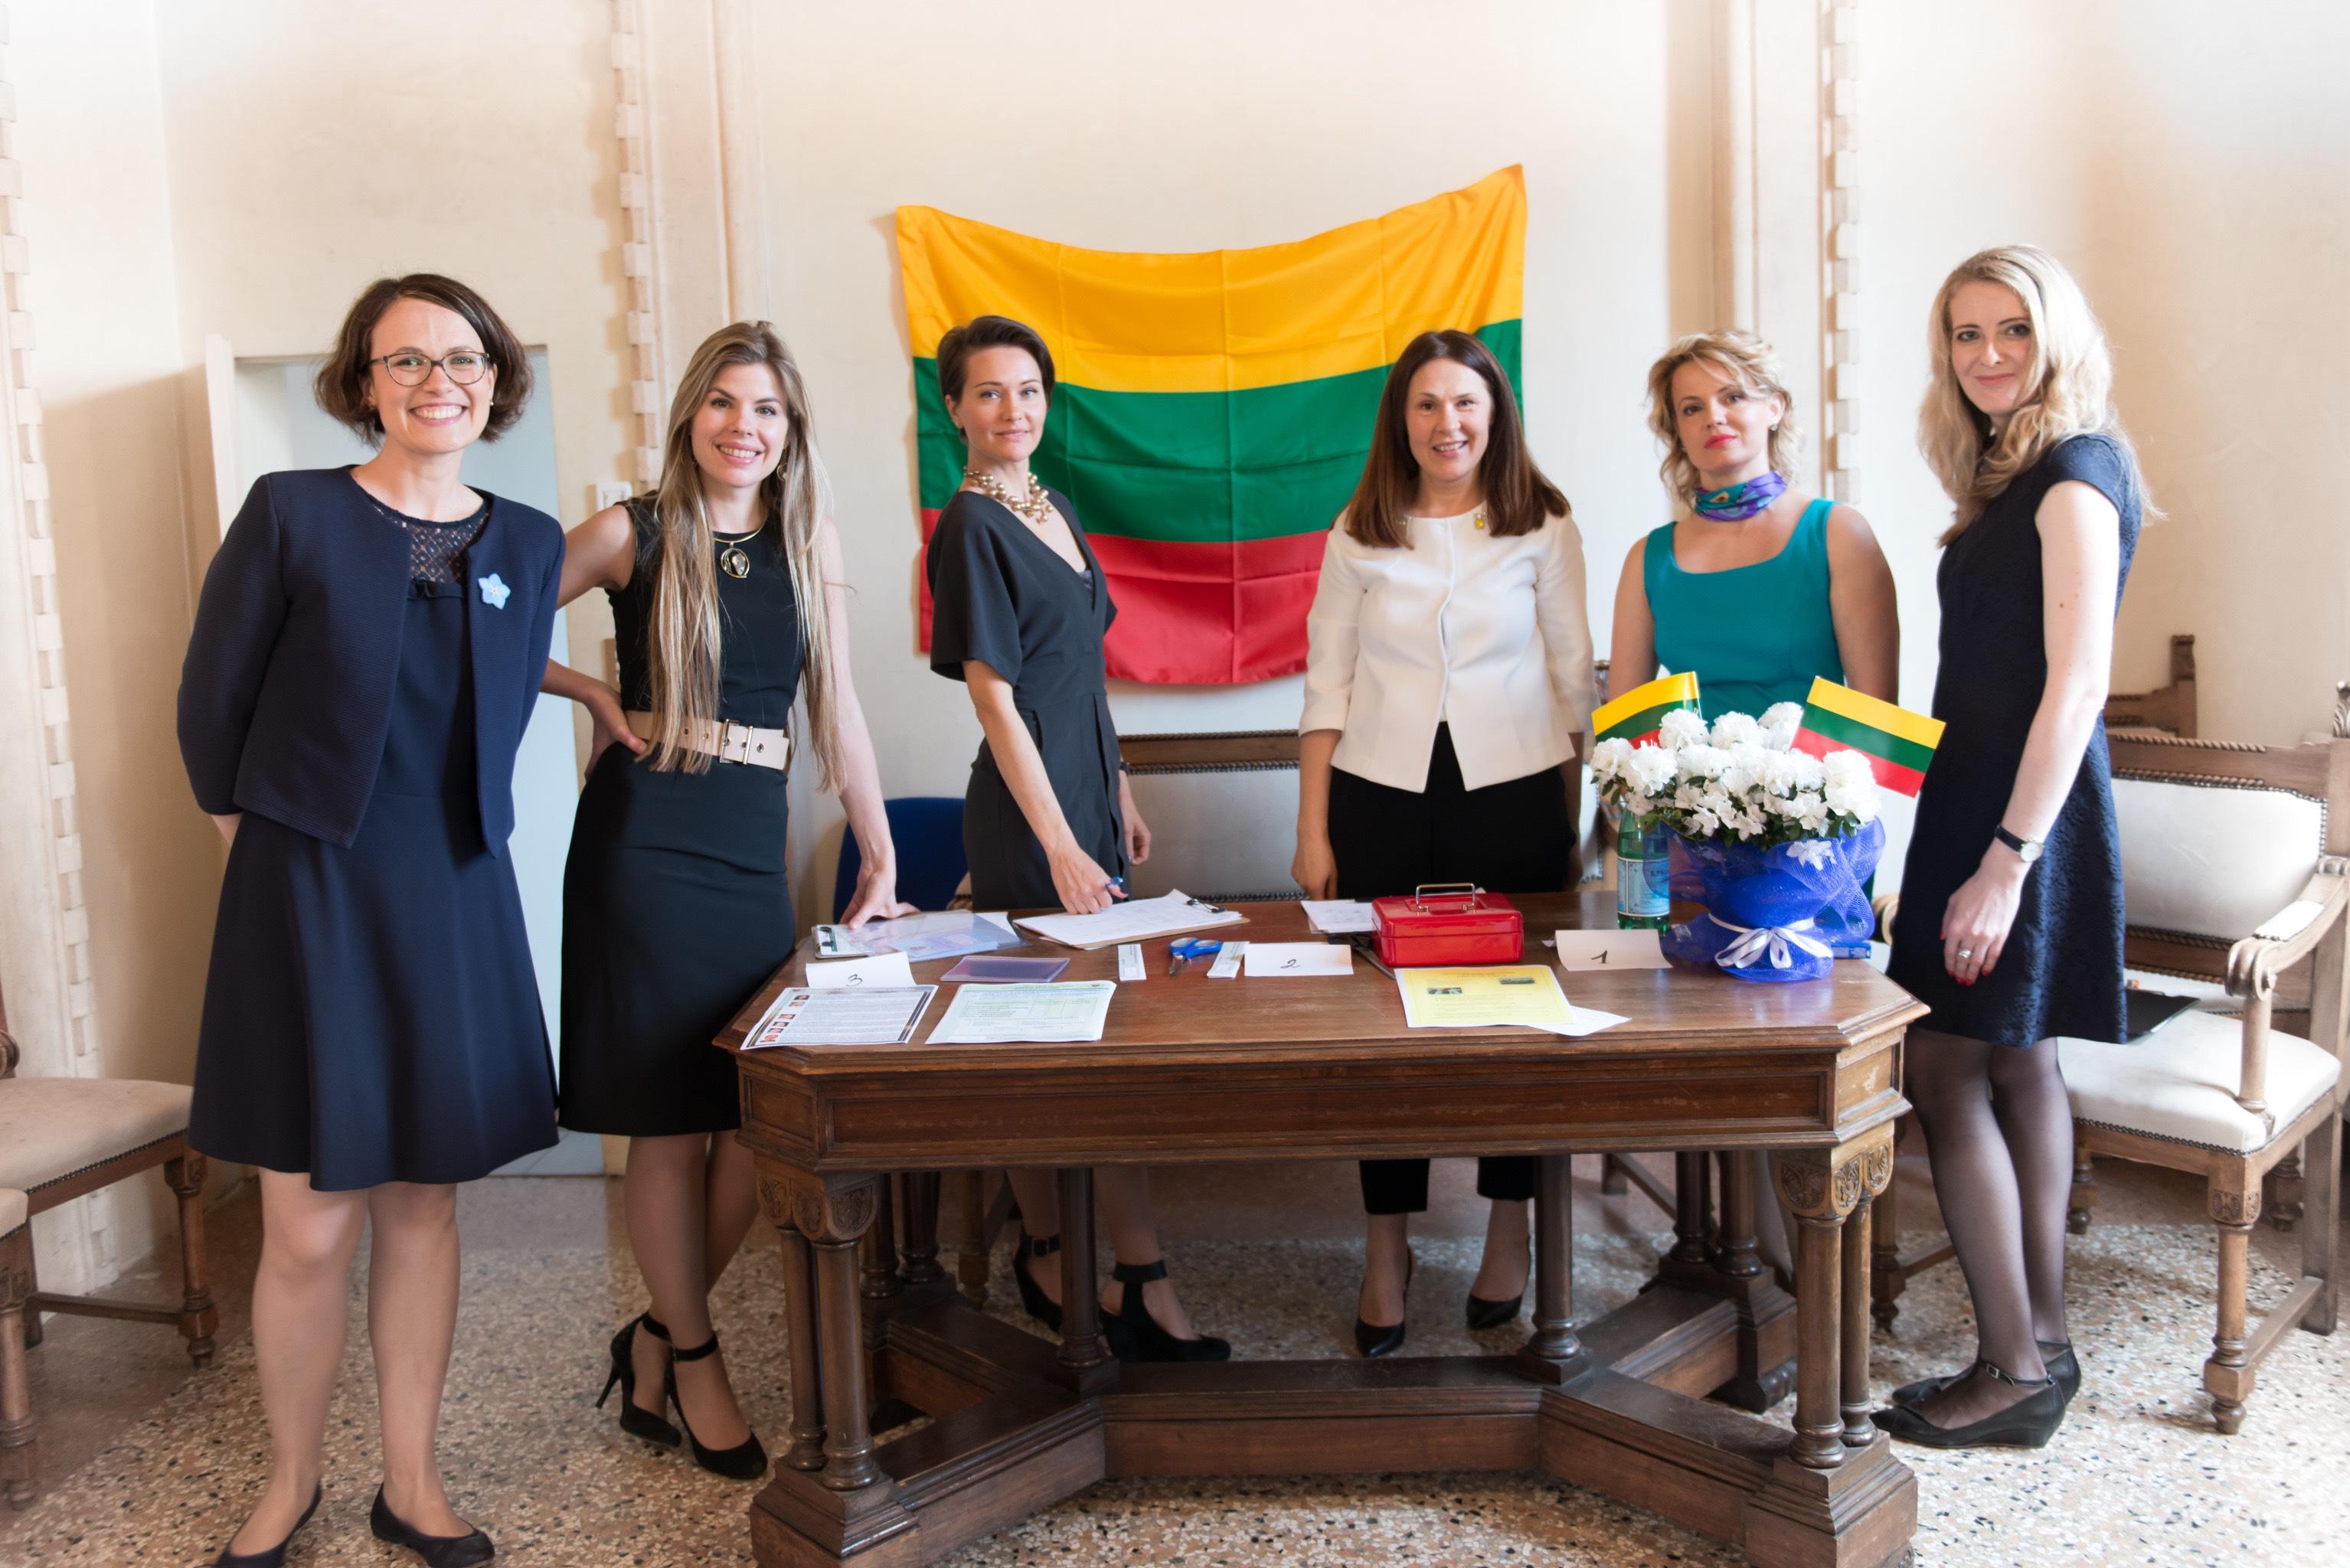 Pirmoji Veneto lietuvių valdyba (iš kairės): Giedrė Rutkauskaitė, Inga Jonaitytė, Renata Petravičiūtė, Diana Butkuvienė, Dalia Martusevičiūtė, Kristina Janušaitė-Valleri